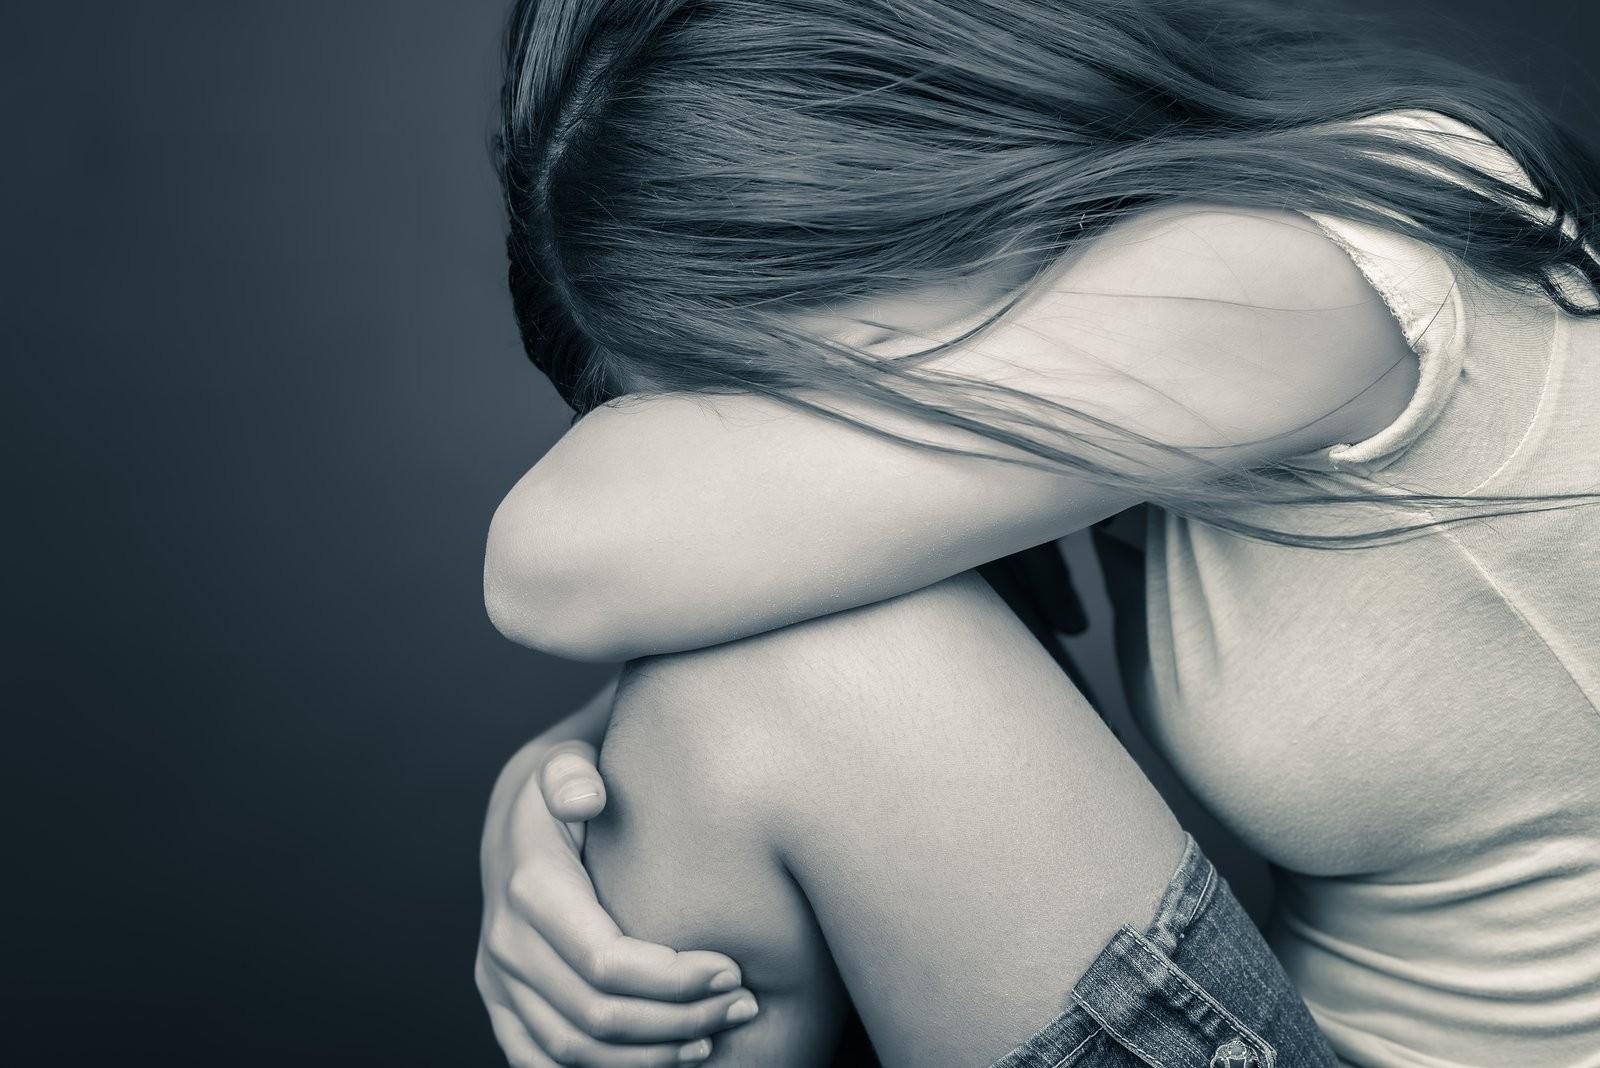 Жительница Ачинска безжалостно избила дочь из-за еежелания увидеться сотцом